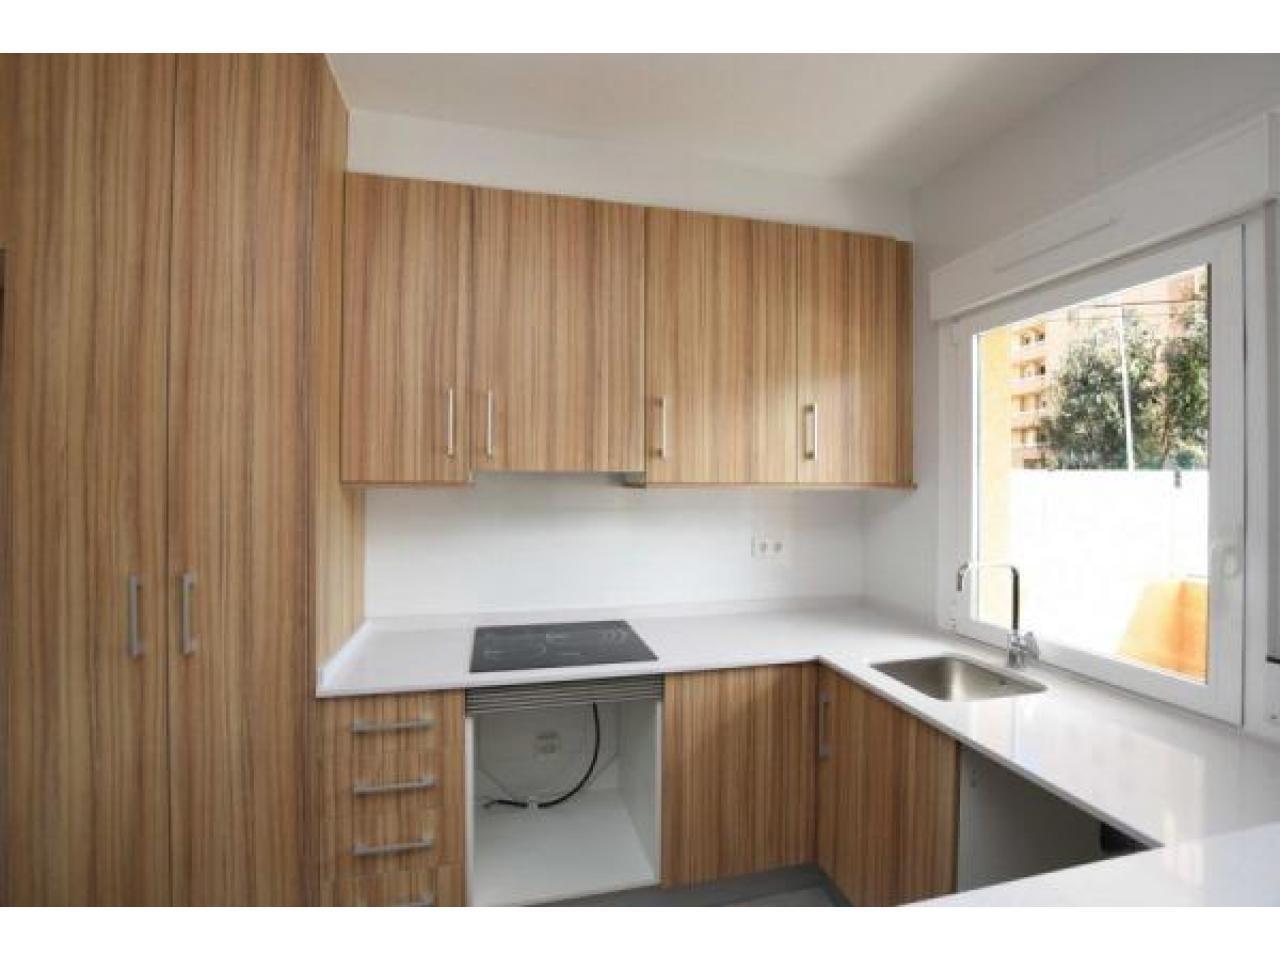 Недвижимость в Испании, Новые квартиры рядом с пляжем от застройщика в Ла Мата,Торревьеха - 7